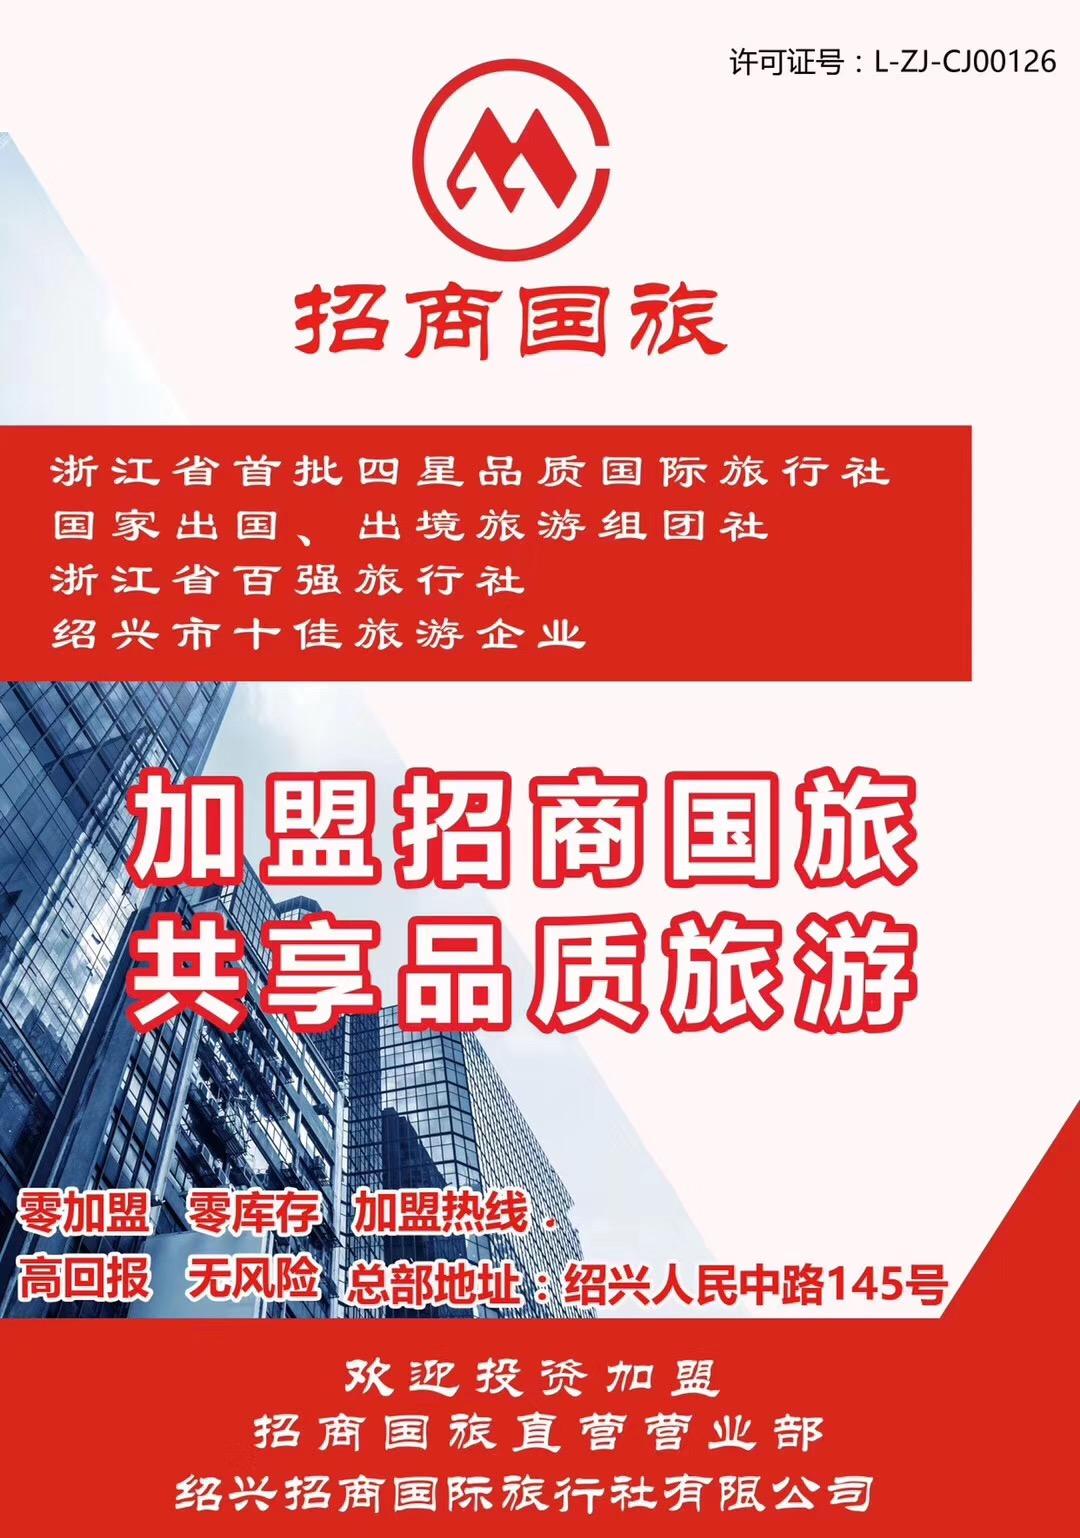 【苏州虎丘、甪直古镇、灵山、拈花湾、三国水浒三日】